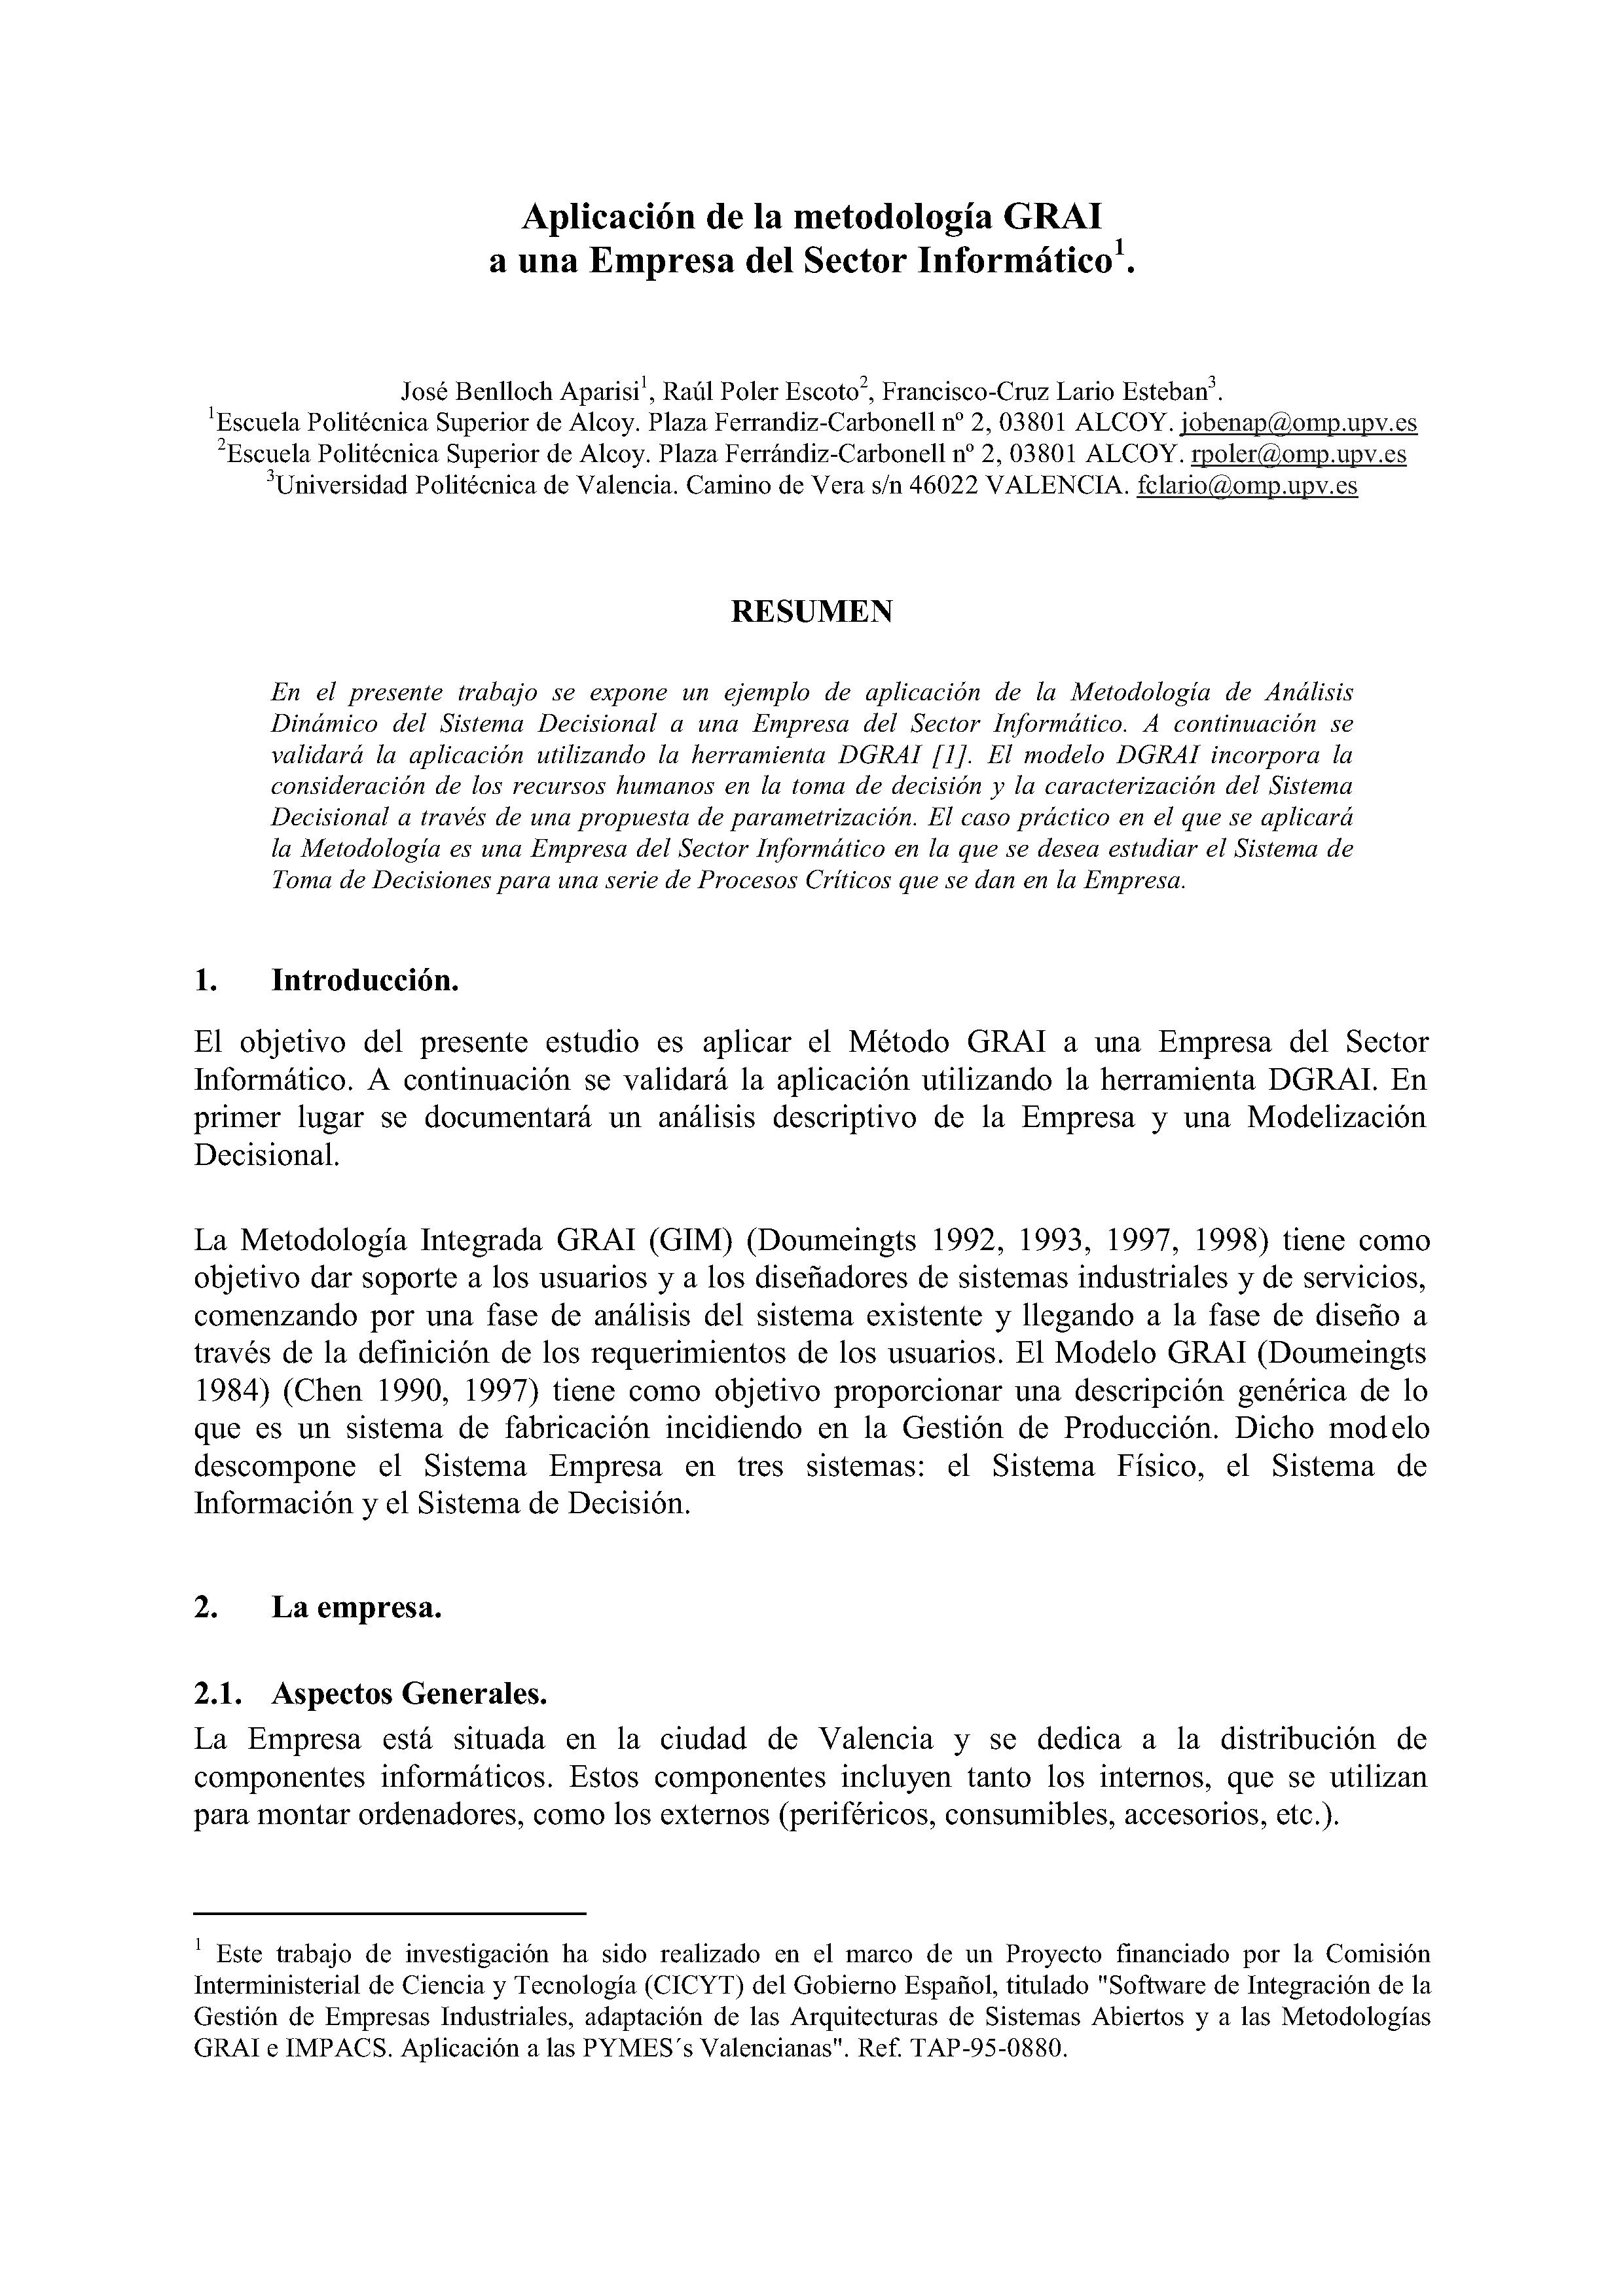 Aplicación de la metodología GRAI a una Empresa del Sector Informático.